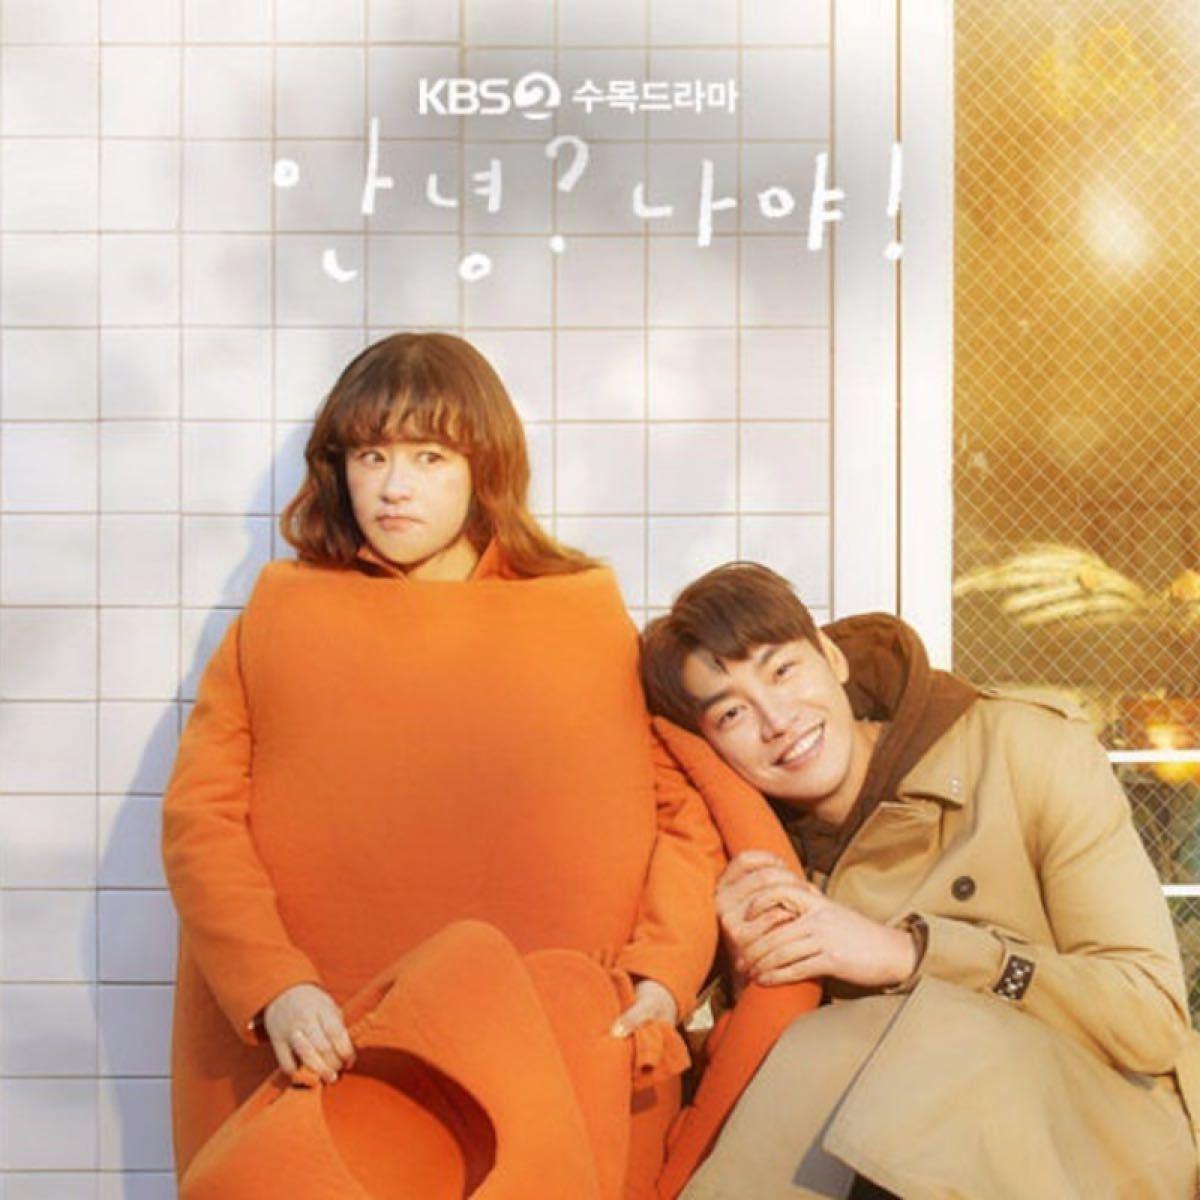 韓国ドラマ こんにちは私だよ! DVD『レーベル印刷有り』